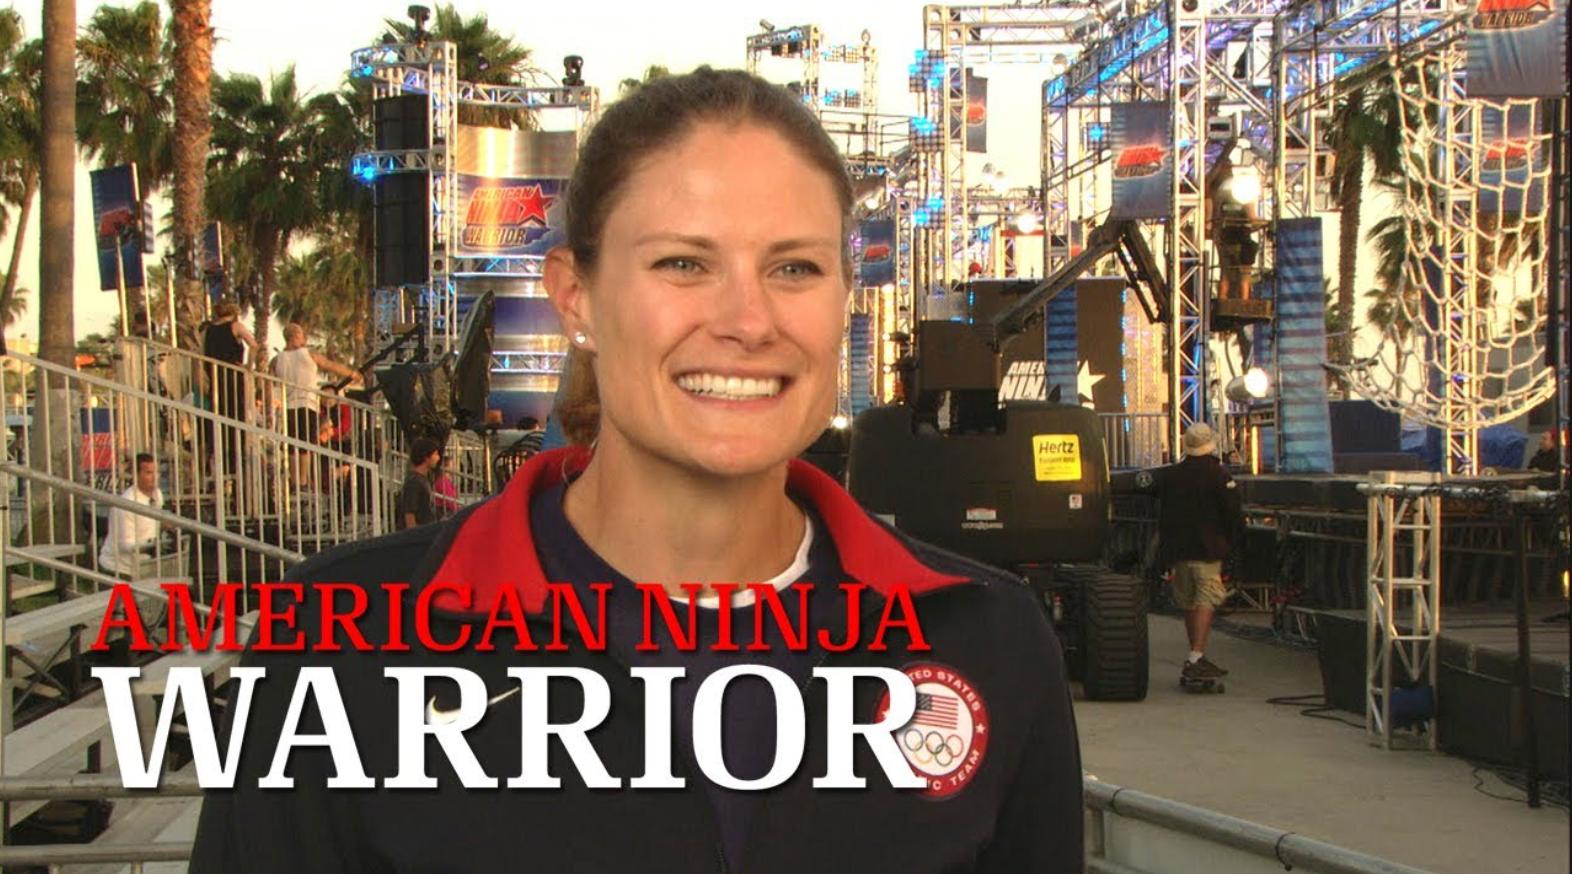 Susan Francia on American Ninja Warrior